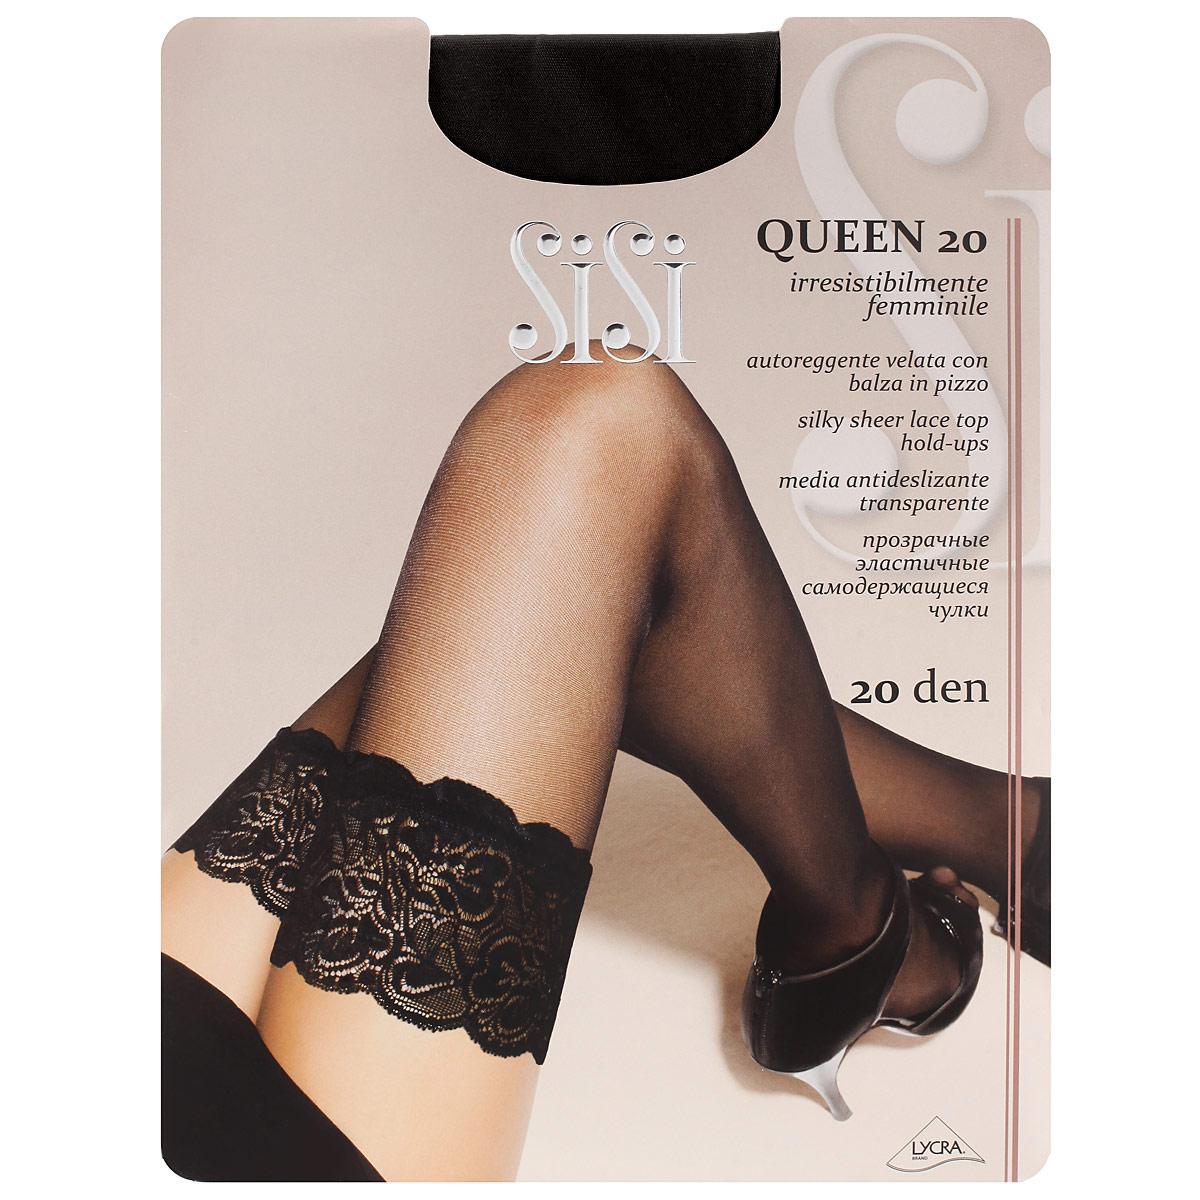 Чулки женские Queen 20Queen 20 BiancoТонкие прозрачные чулки Sisi Queen 20 с фиксирующей резинкой на силиконовой основе и незаметным усиленным носком.